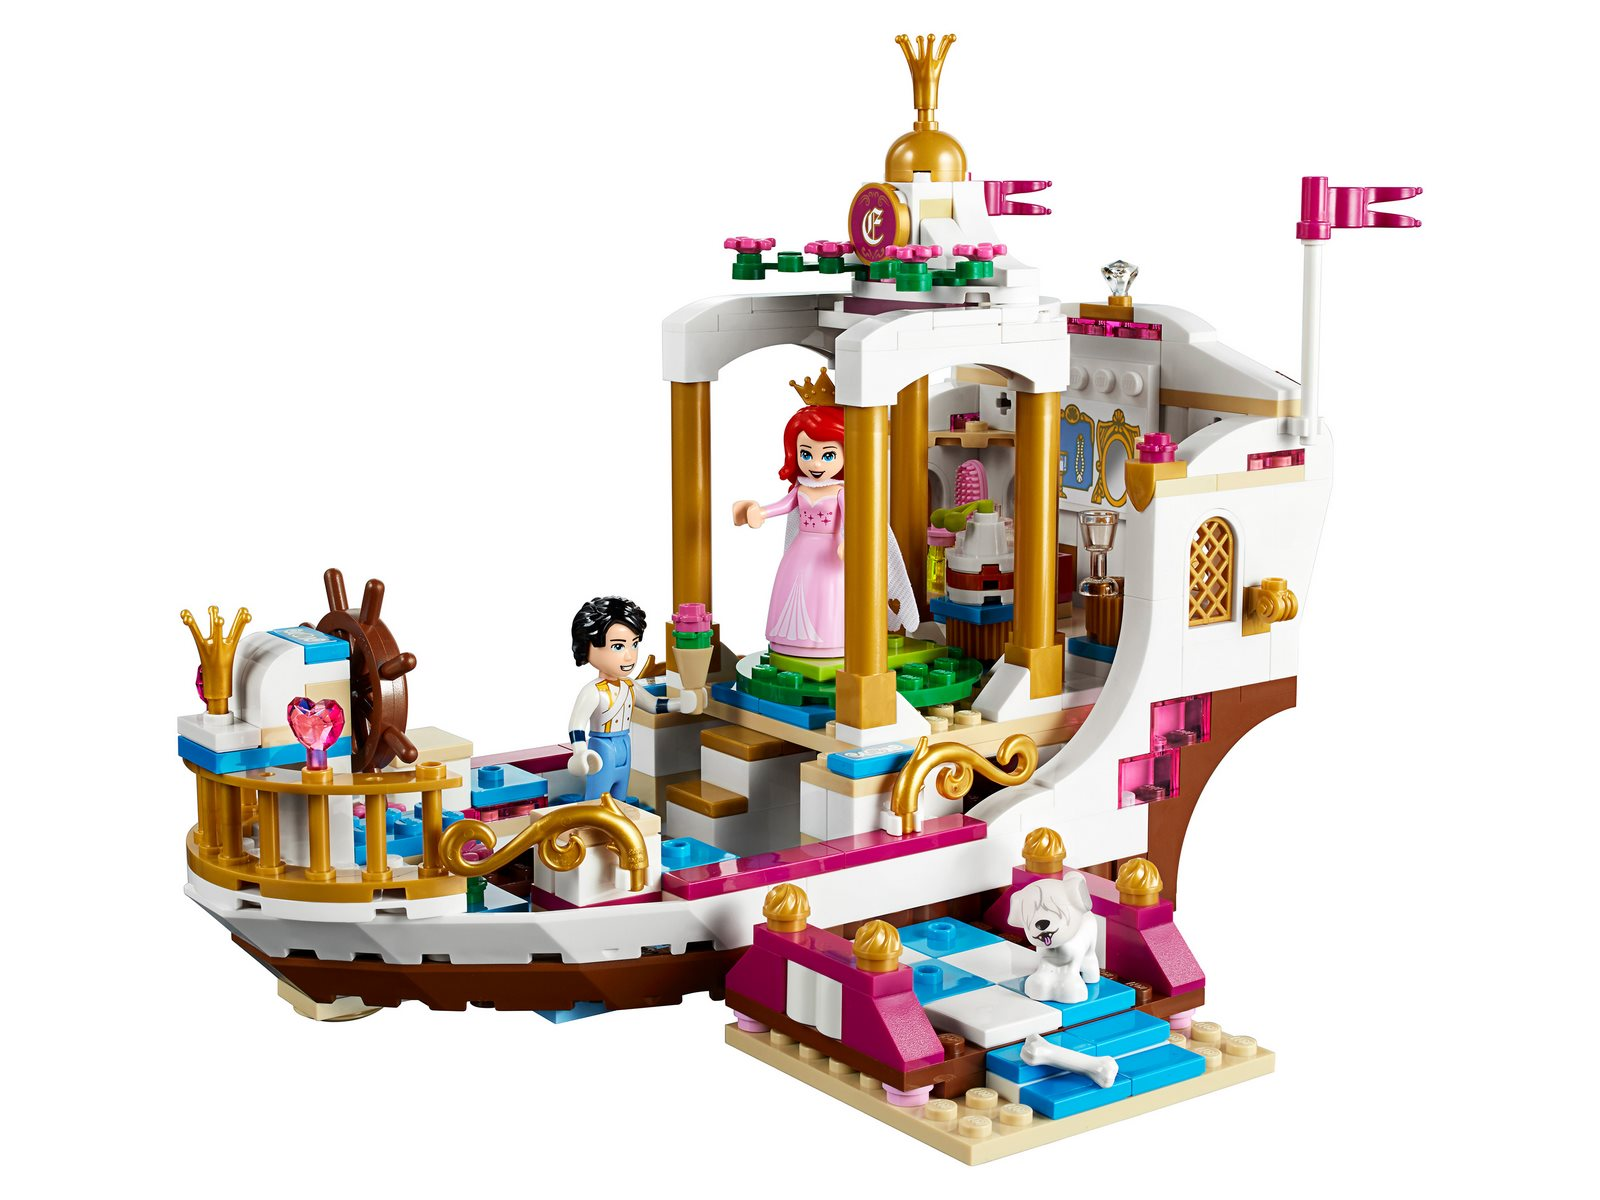 Конструктор DECOOL «Королевский корабль Ариэль» 70223 (Disney Princess 41153) 395 деталей